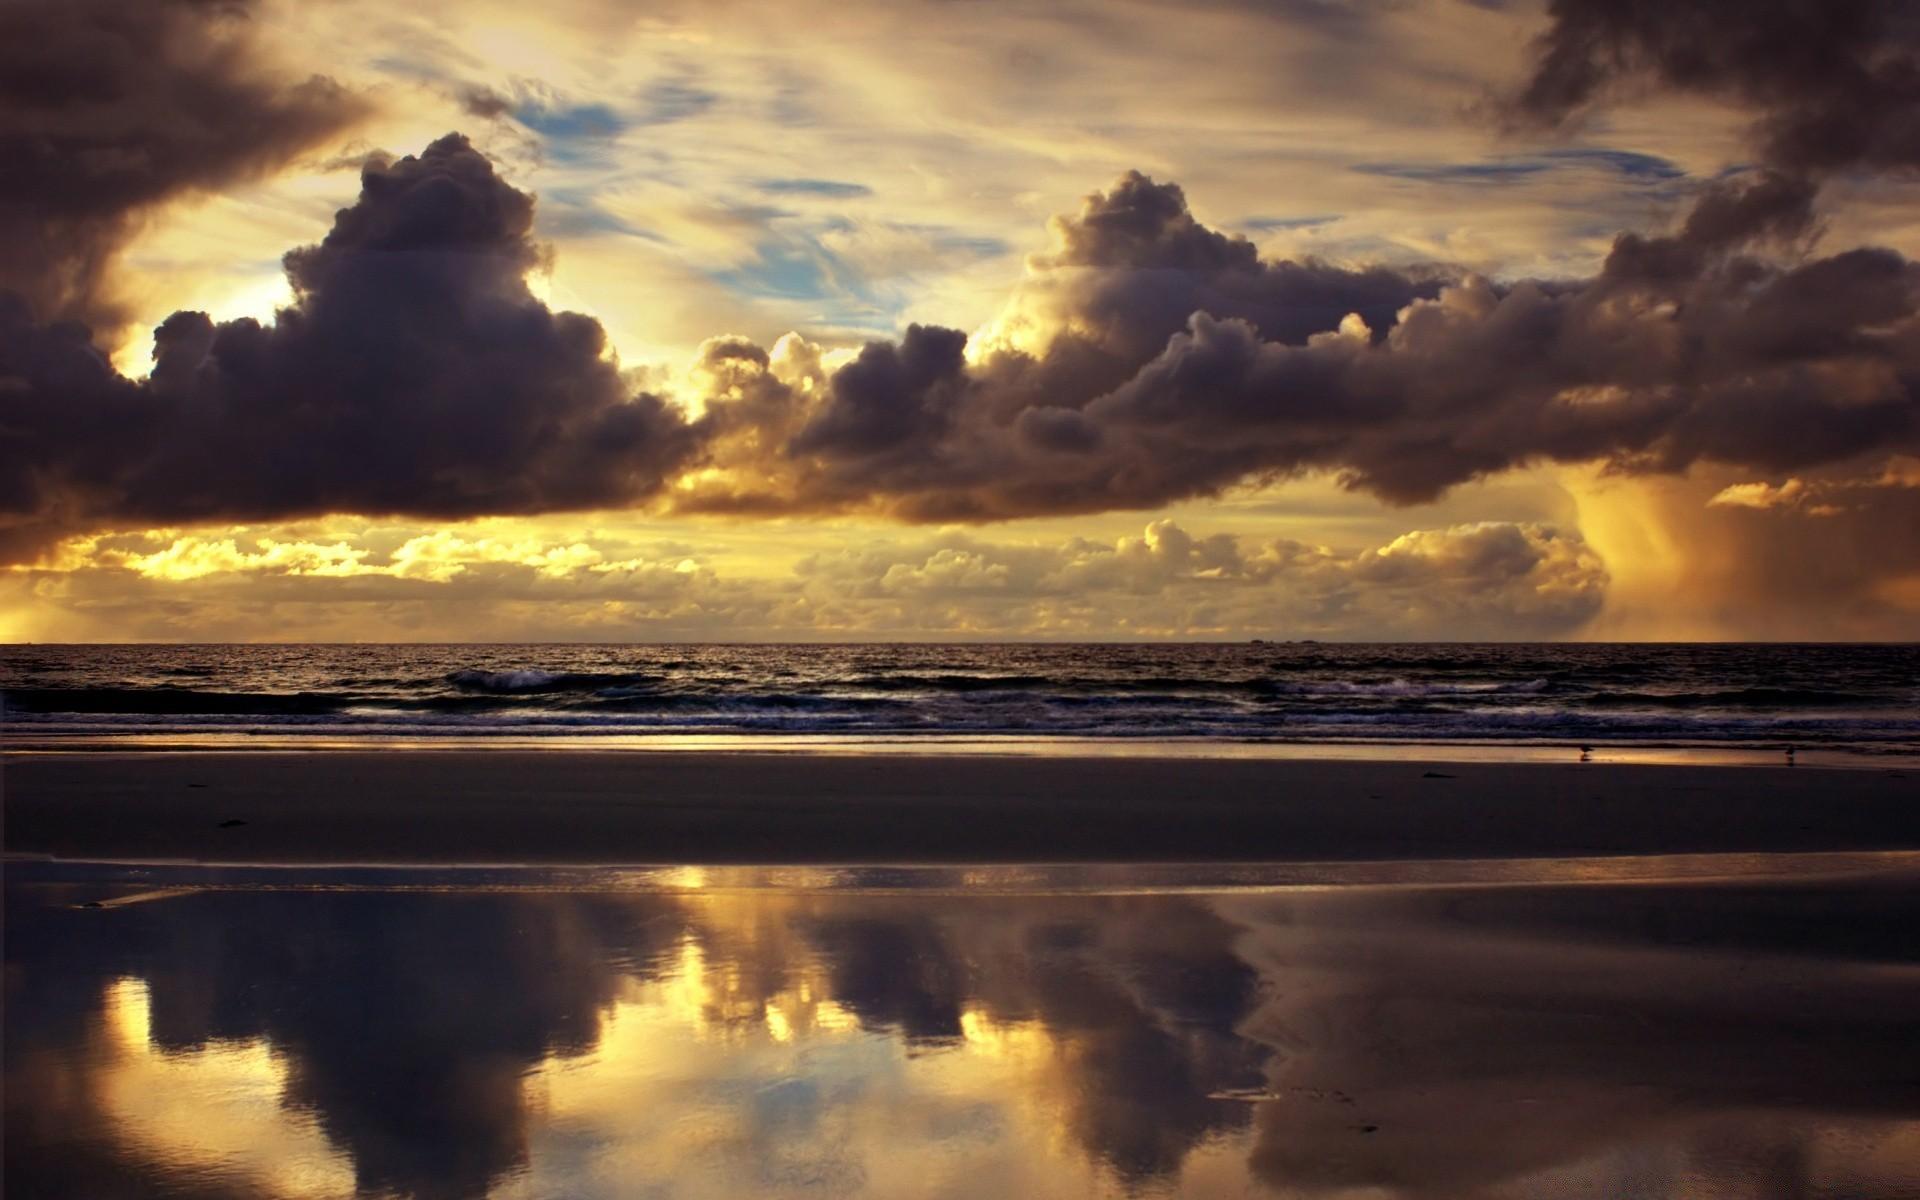 региональном департаменте красивые фотографии моря и небо хорошего качества хранит себе несколько